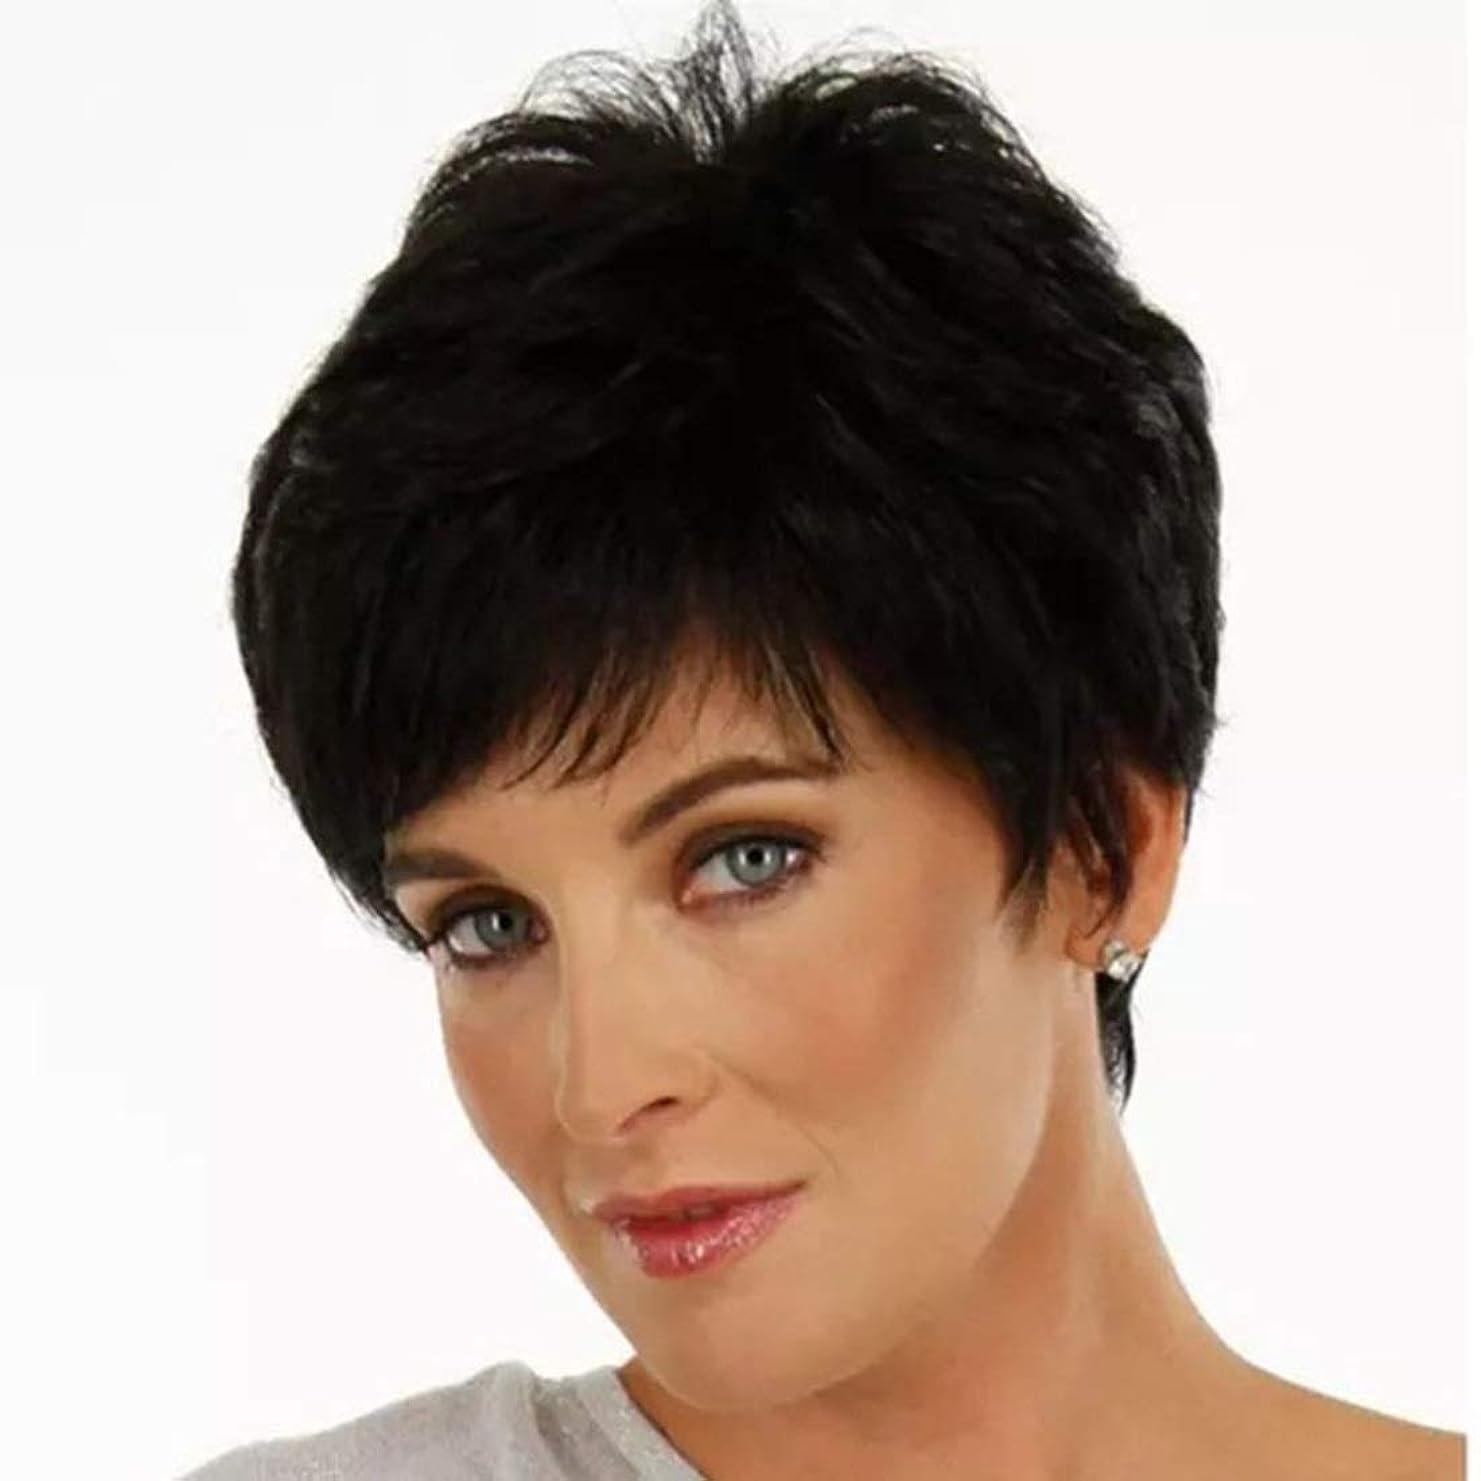 怠感マウス入射Summerys 女性のための短いストレートヘアケアファイバー高温シルクウィッグヘッドギアをかつら